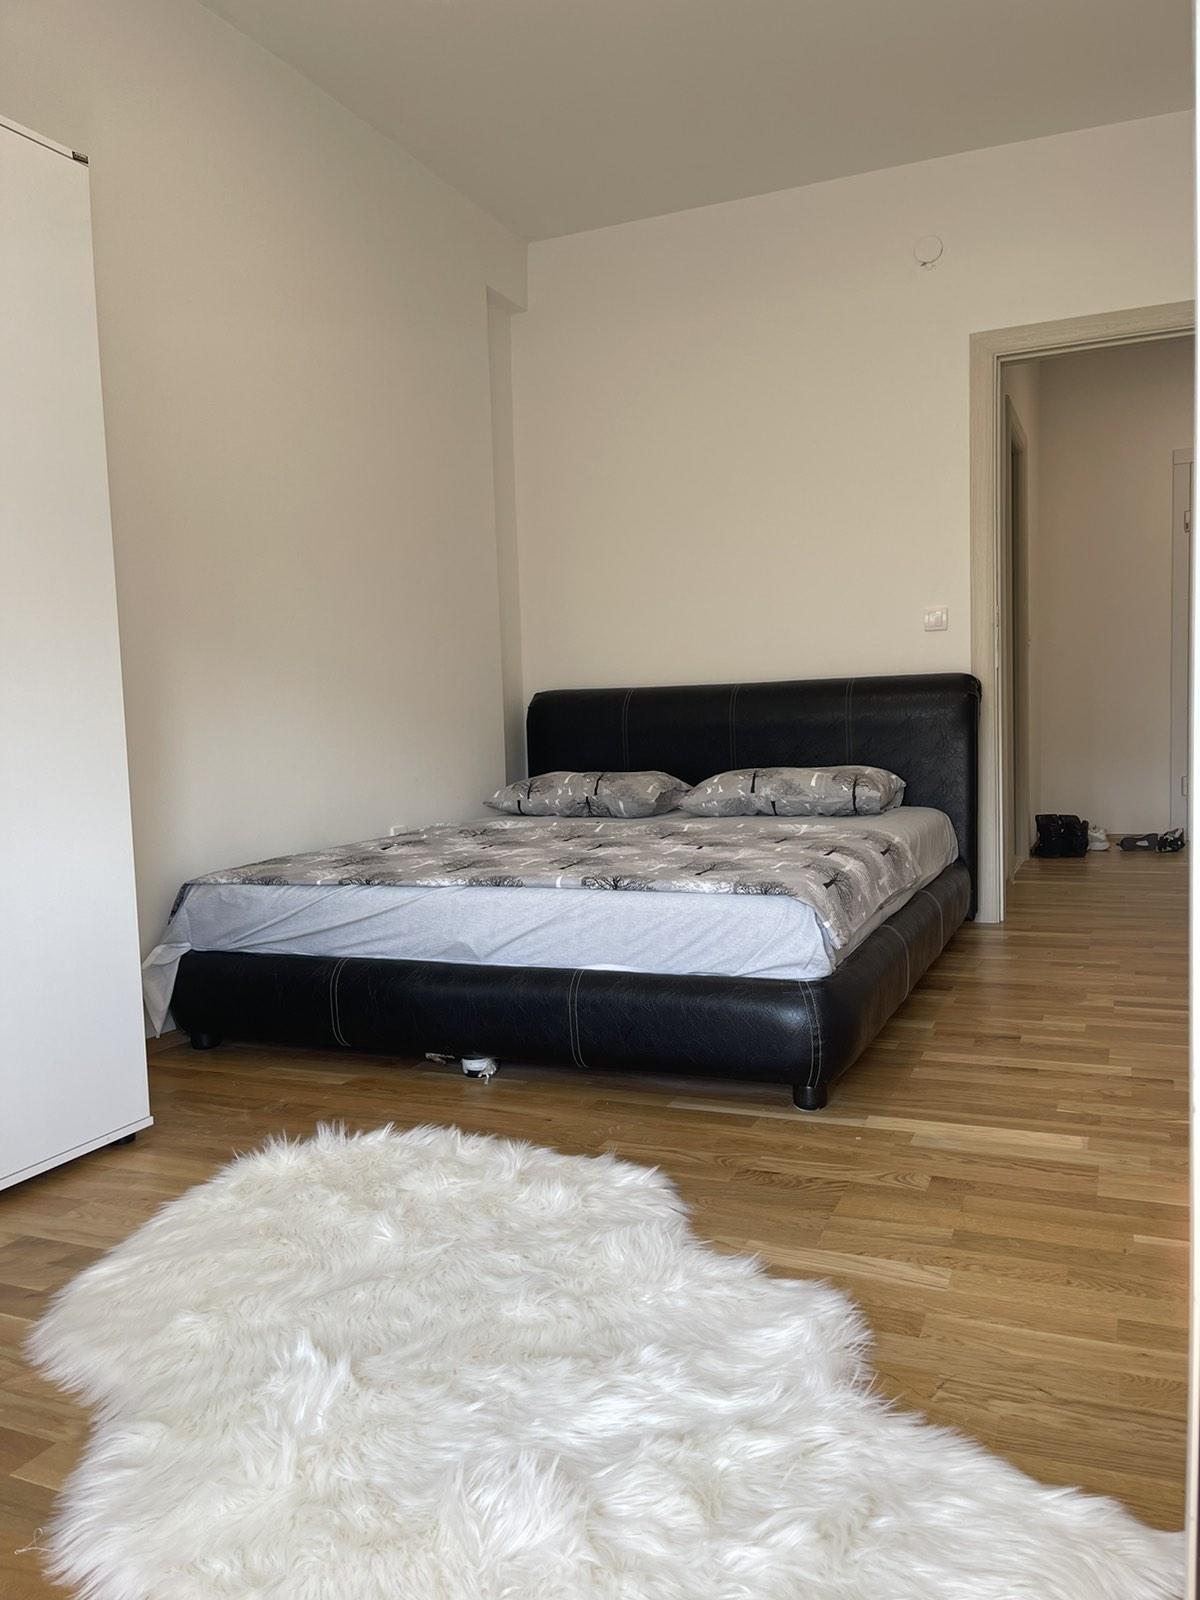 amforaproperty.com/Nov , lijepo opremljen jednosoban stan za rentiranje na duži period. Lazi, Budva